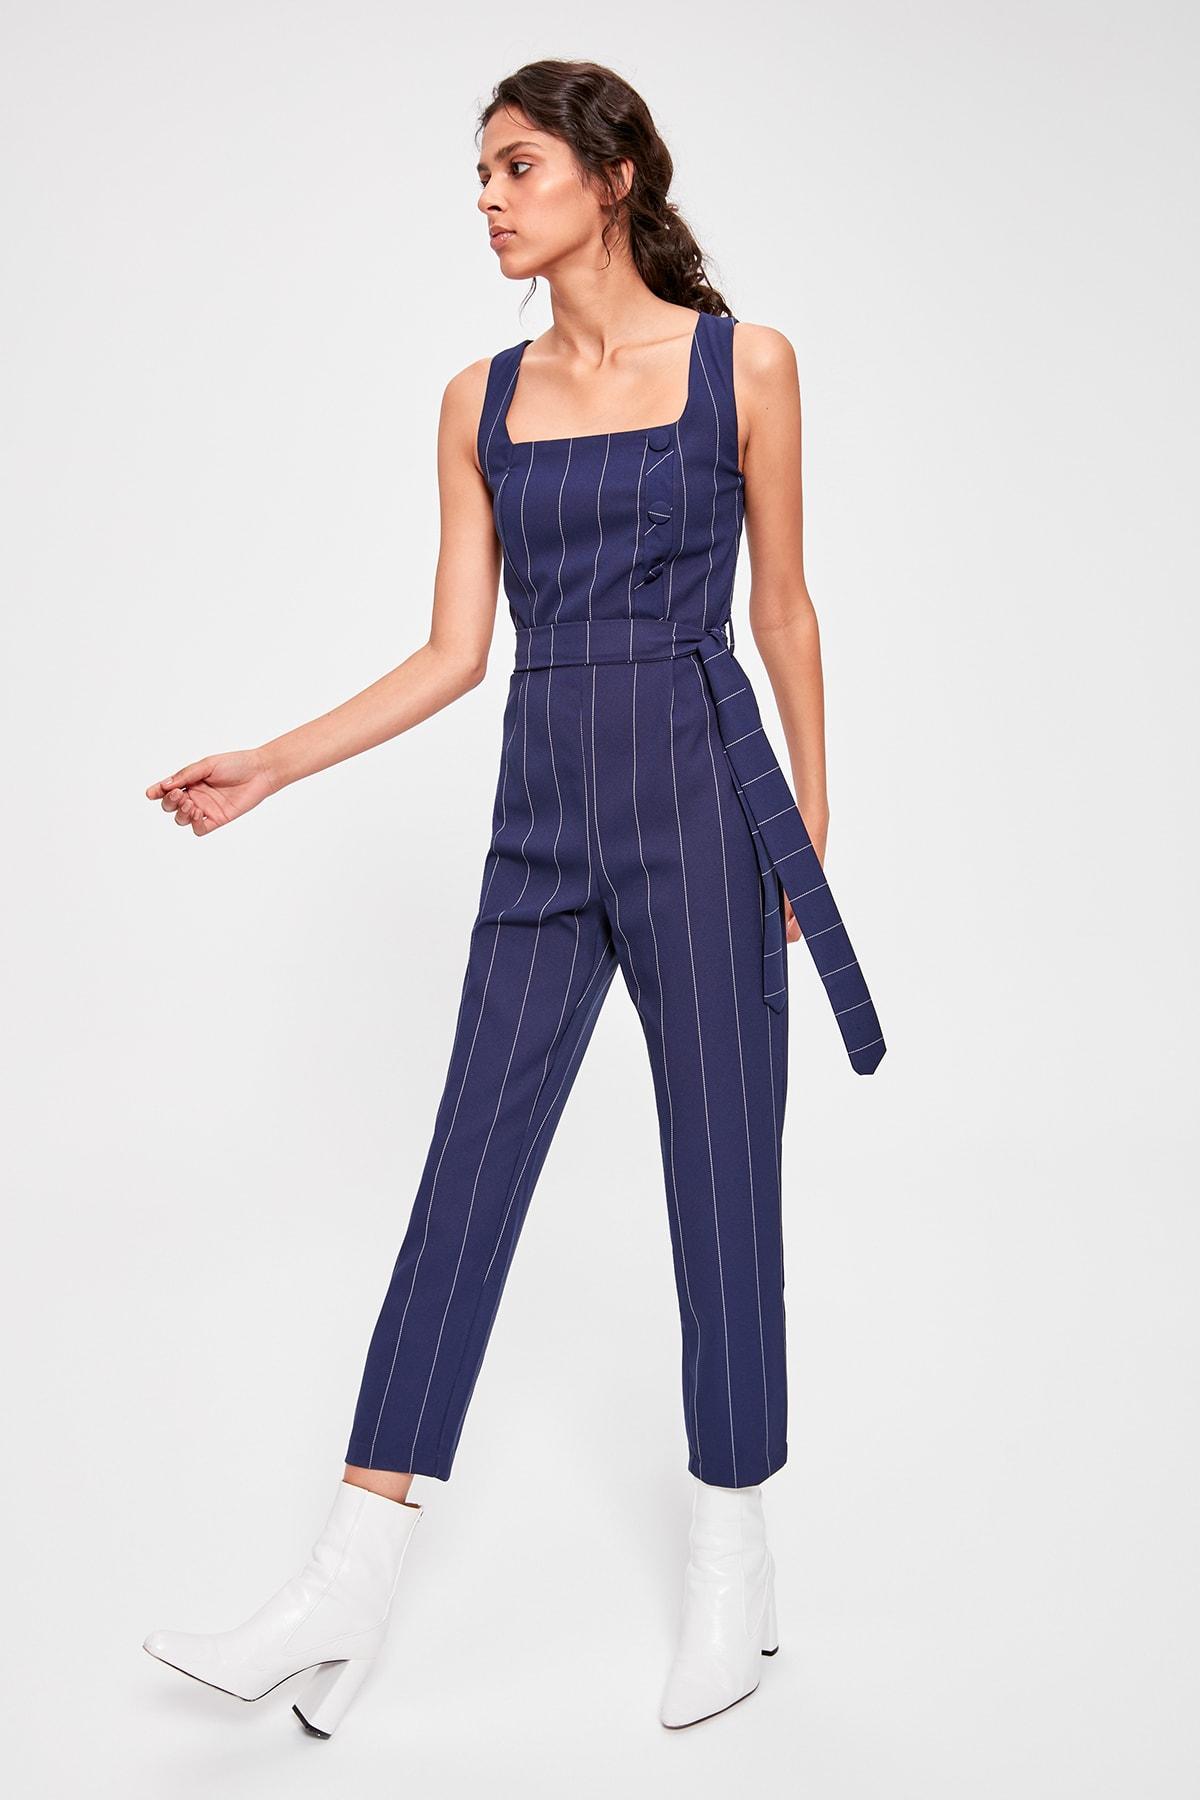 Trendyol Navy Blue Belted Striped Jumpsuit TWOAW20TU0023